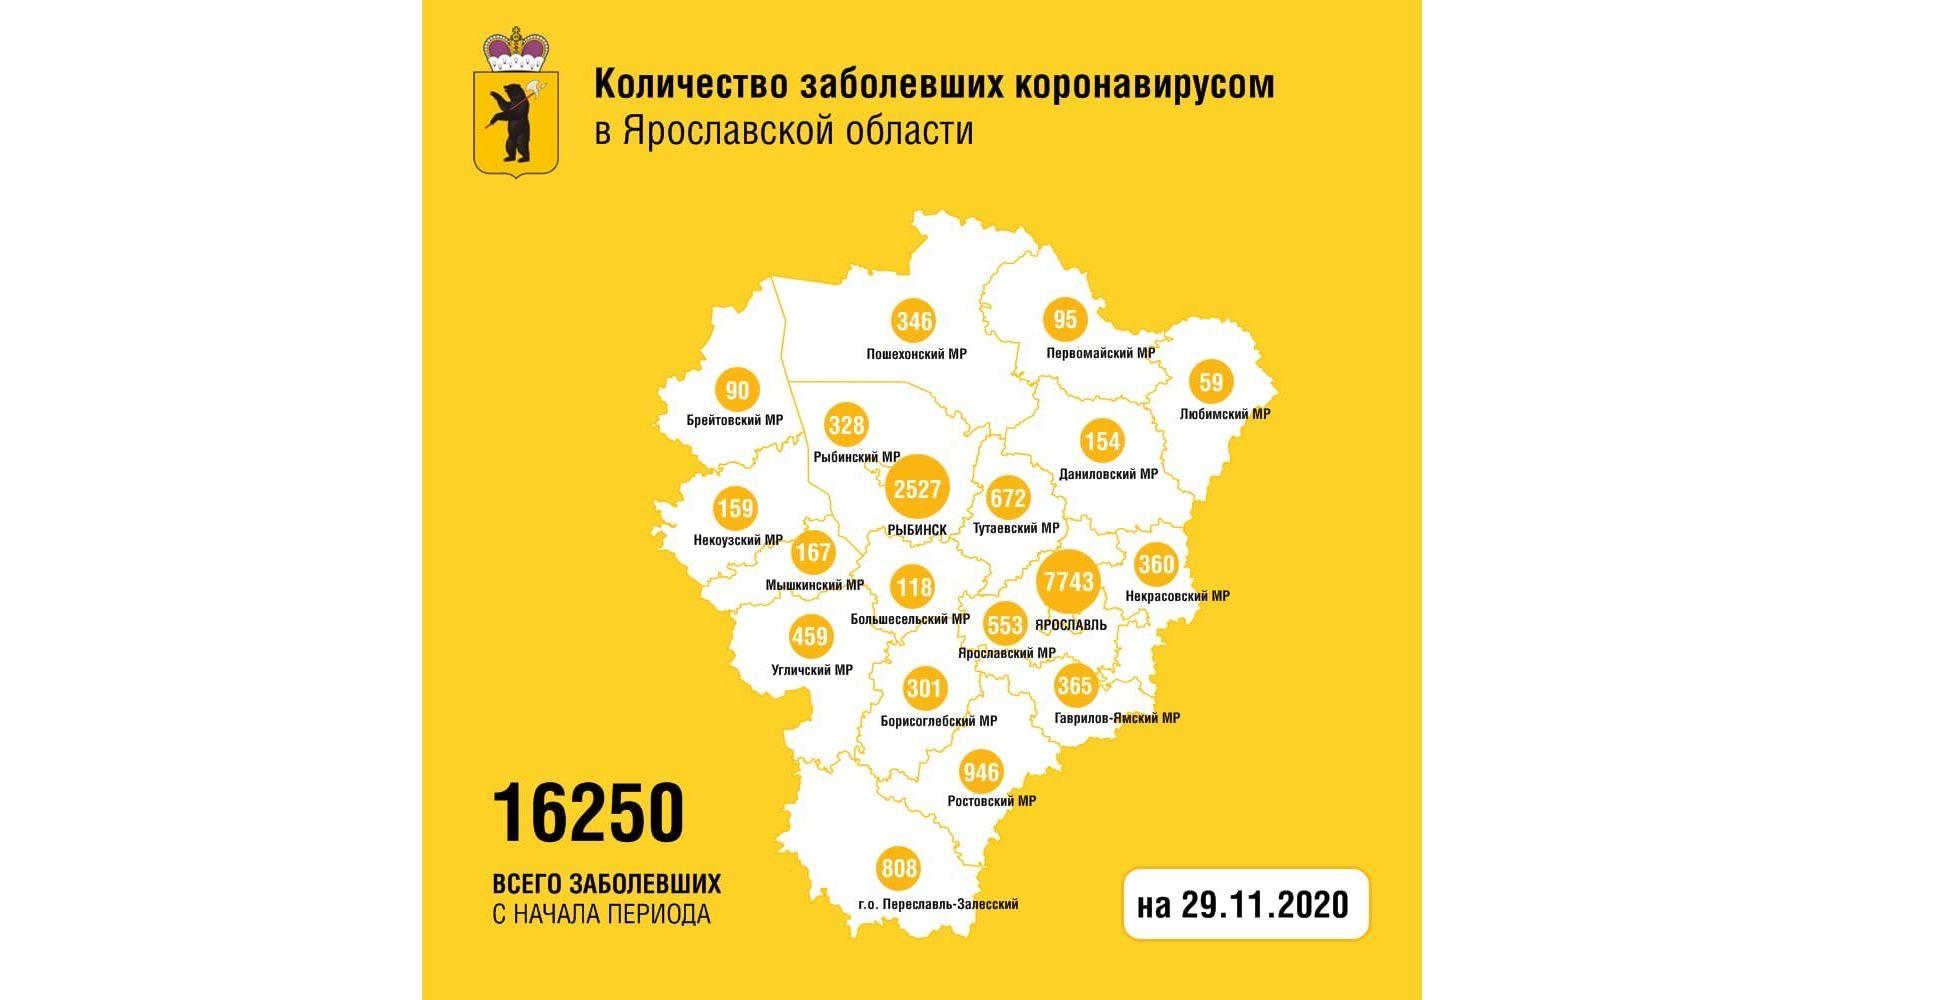 В Ярославской области вылечили от коронавируса еще 92 человек